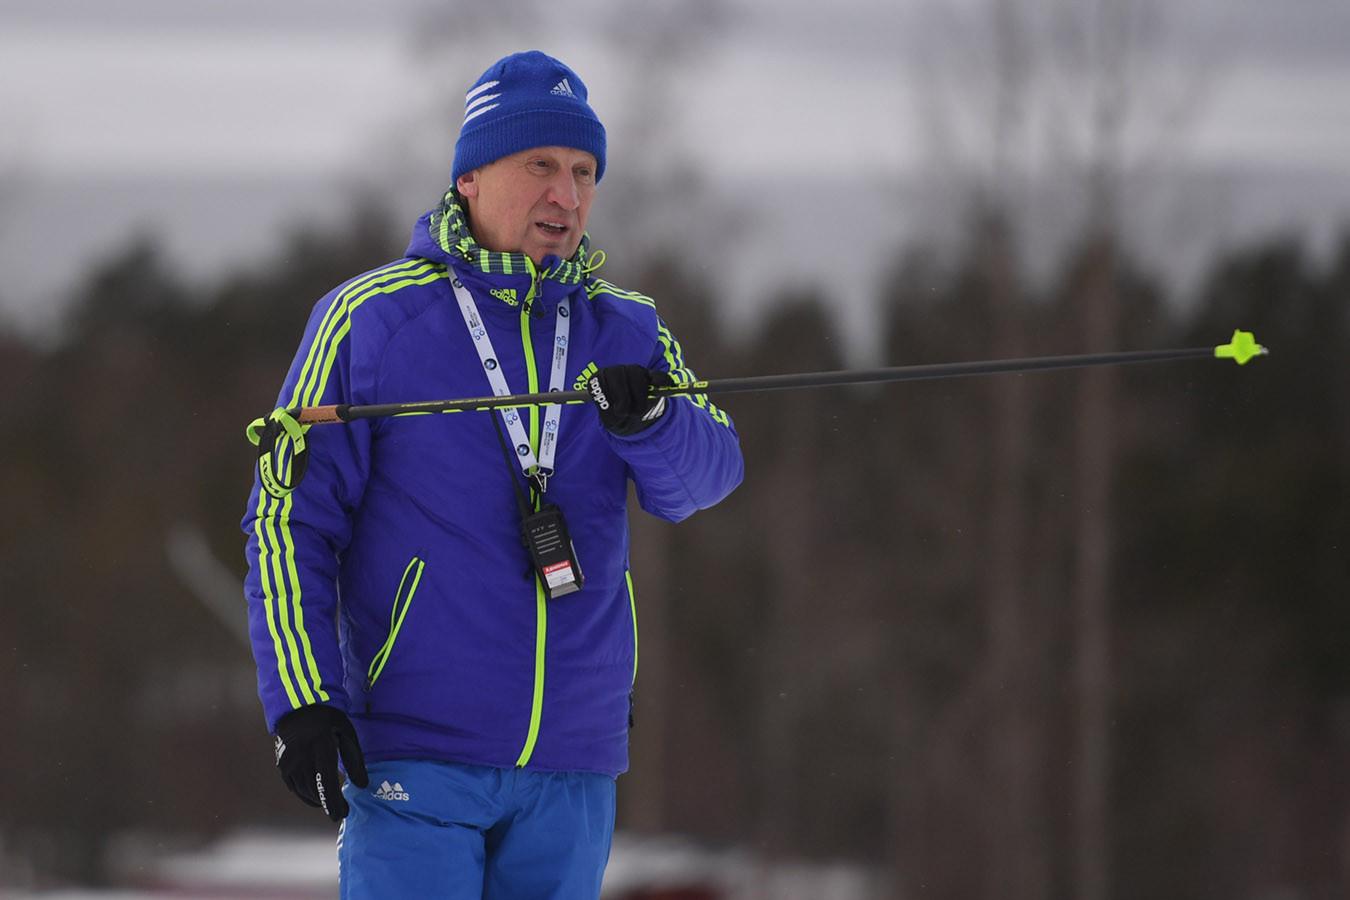 Валерий Польховский ответил экспертам, критикующим подготовку сборной к ЧМ в Поклюке